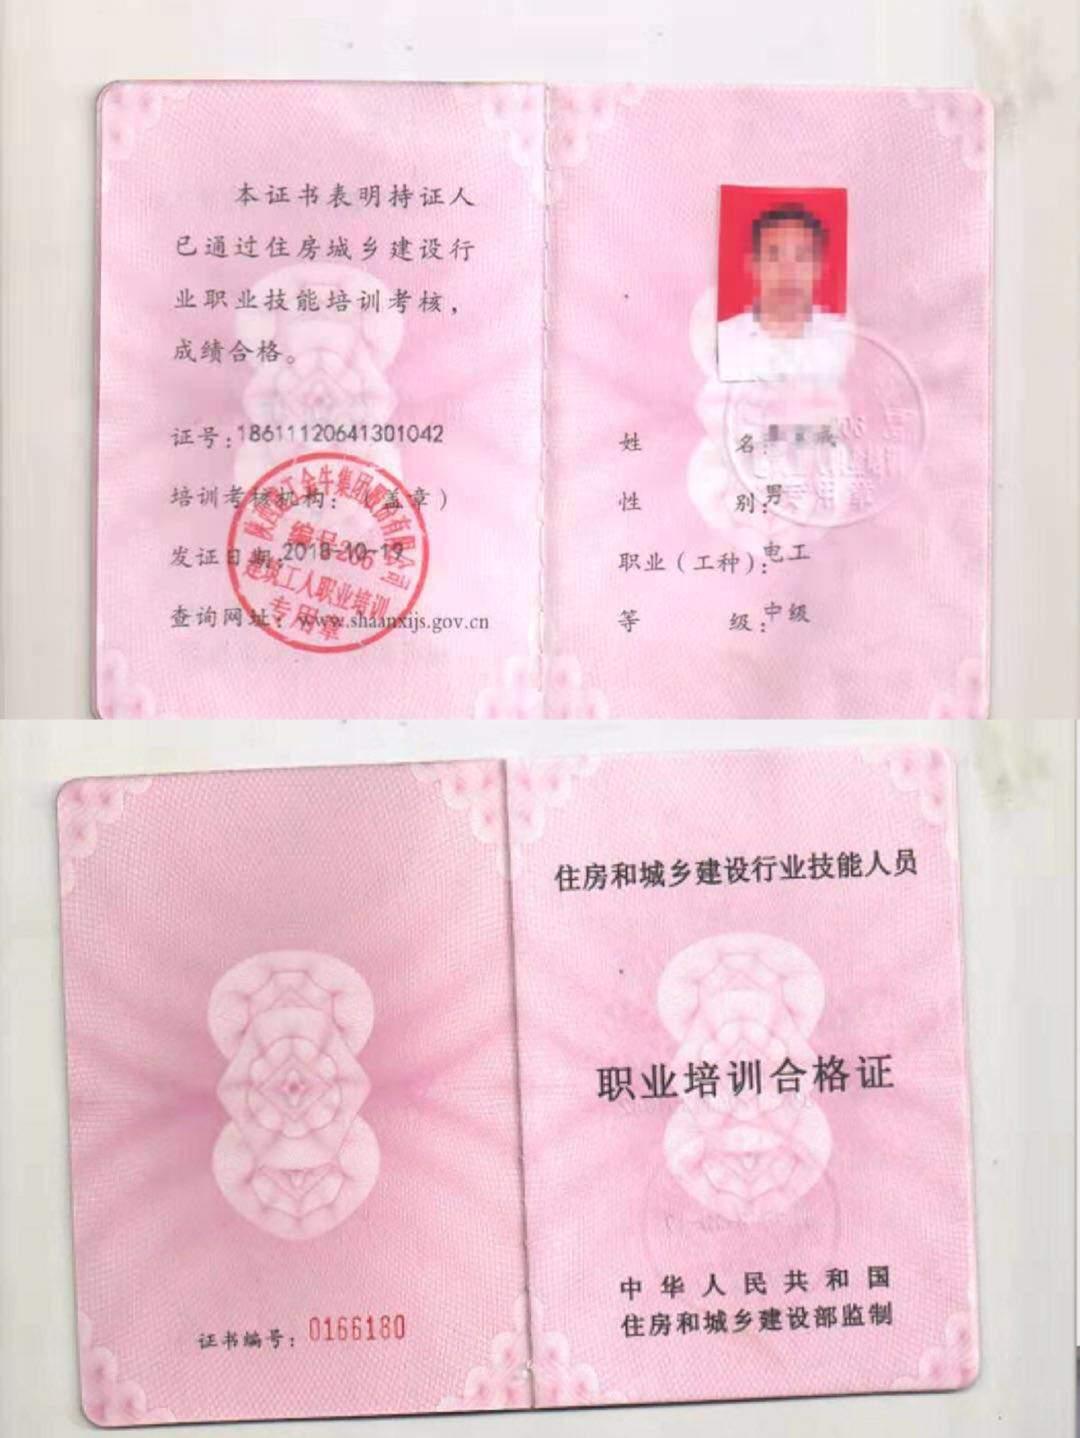 西安文道建造师培训学校陕西省建设厅技工证、真实可靠!!